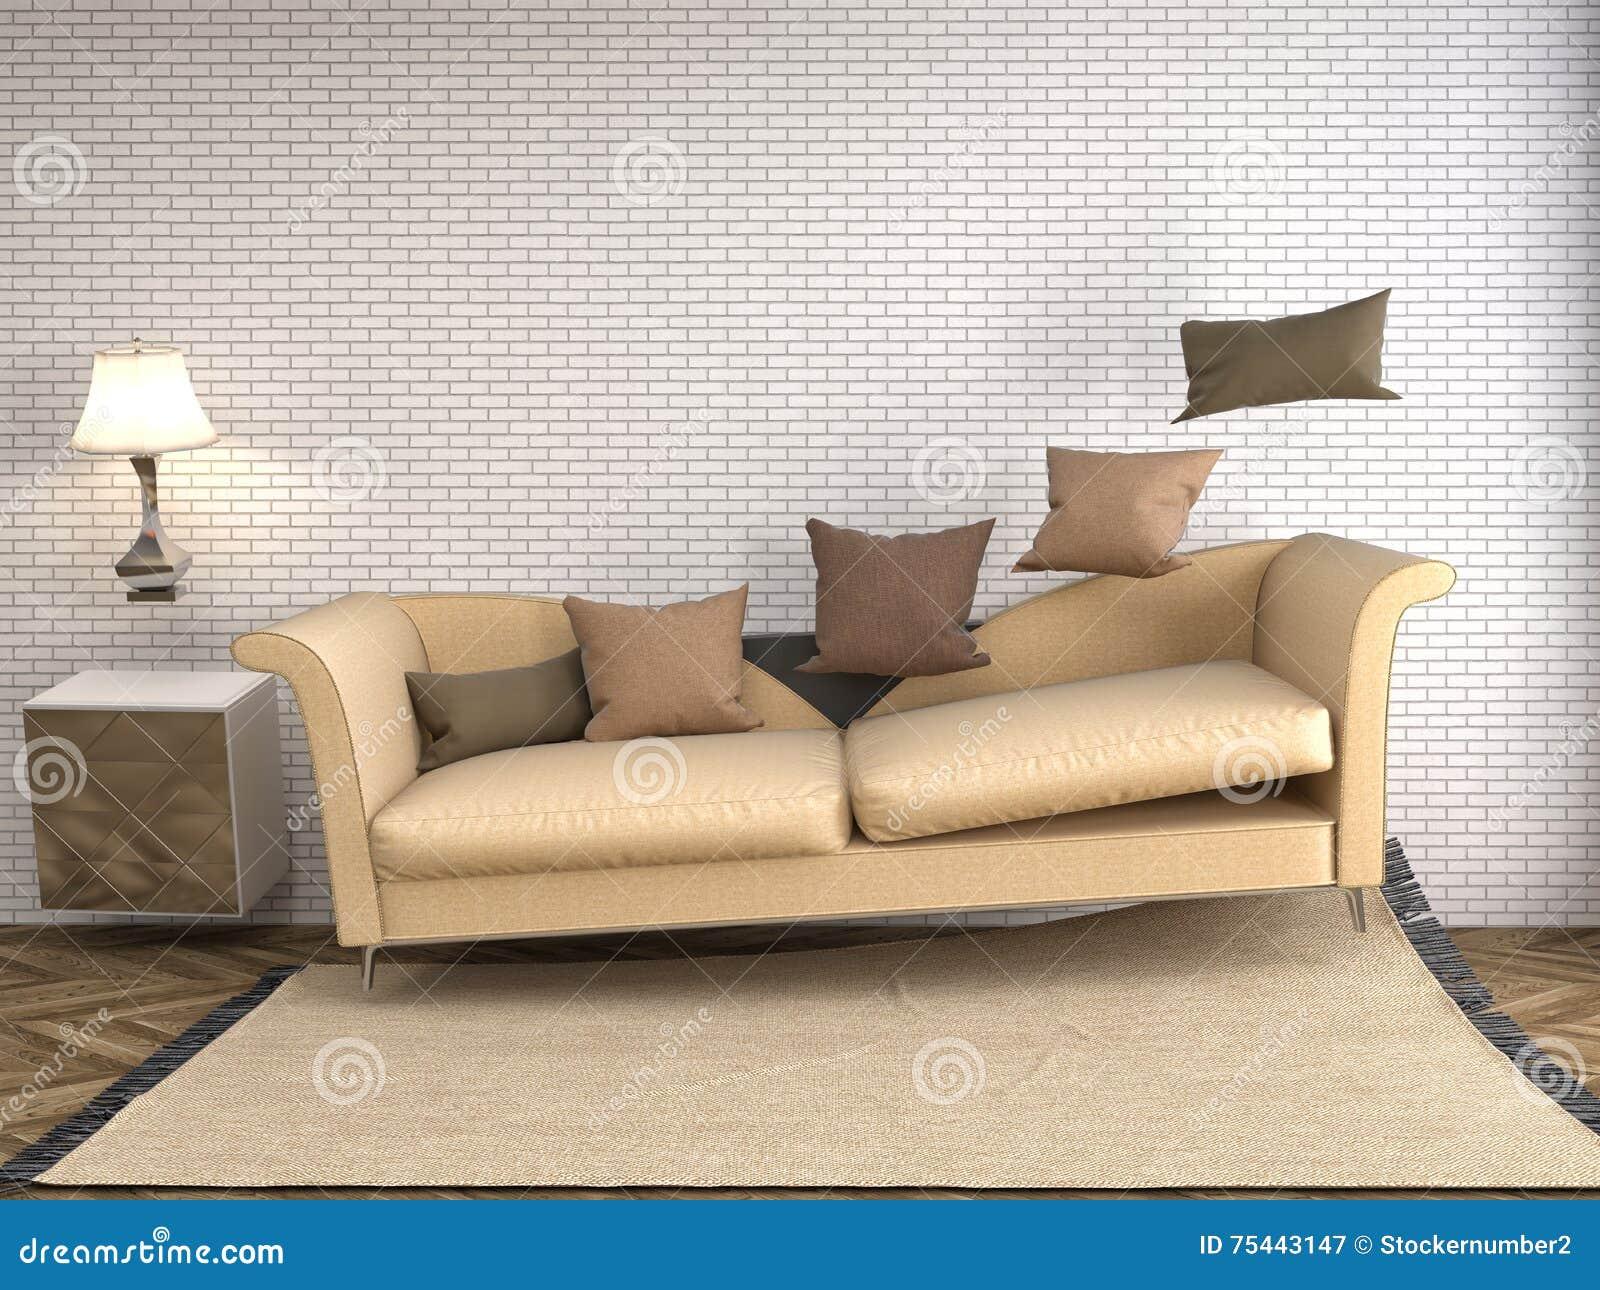 Софа невесомости завиша в живущей комнате иллюстрация 3d